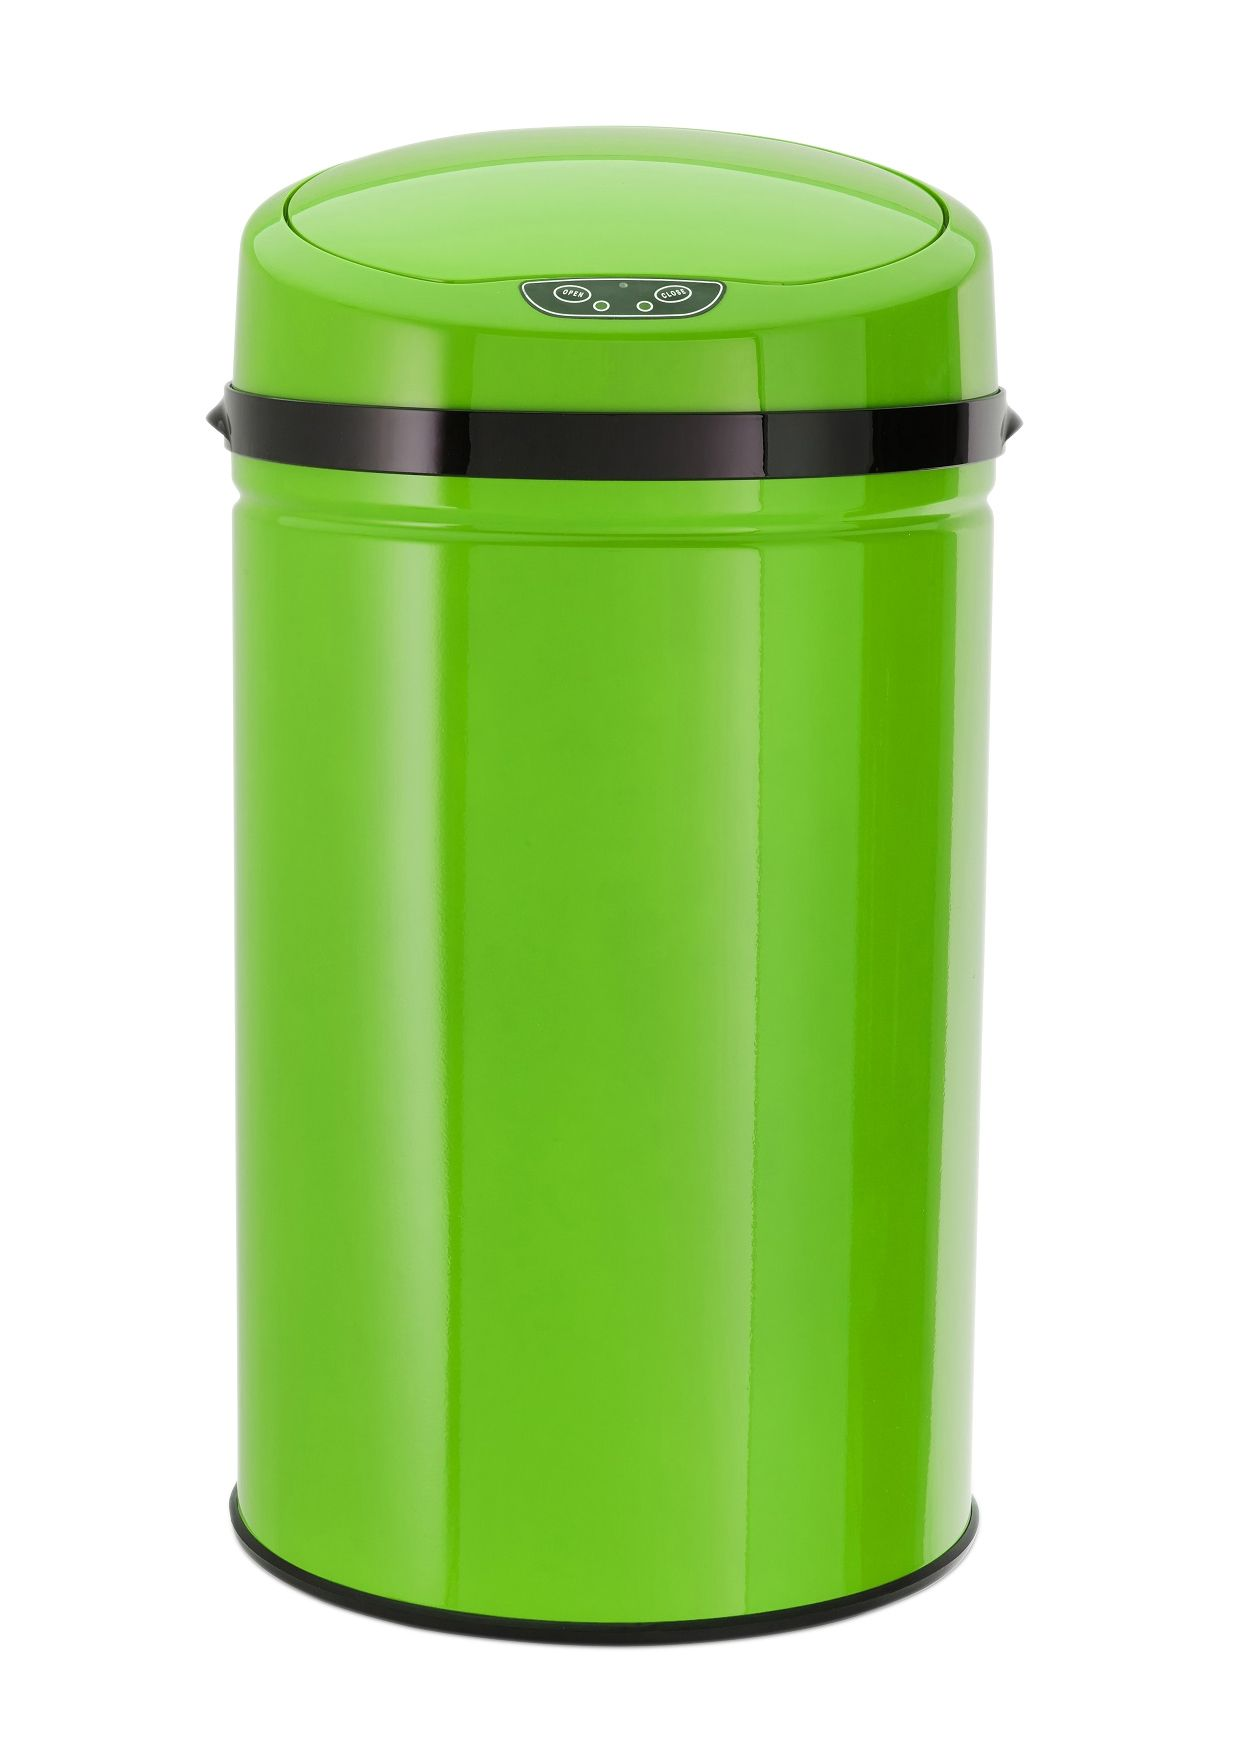 ECHTWERK Edelstahl-Abfalleimer mit Infrarotsensor, 30 Liter, »INOX LEMON«, Echtwerk